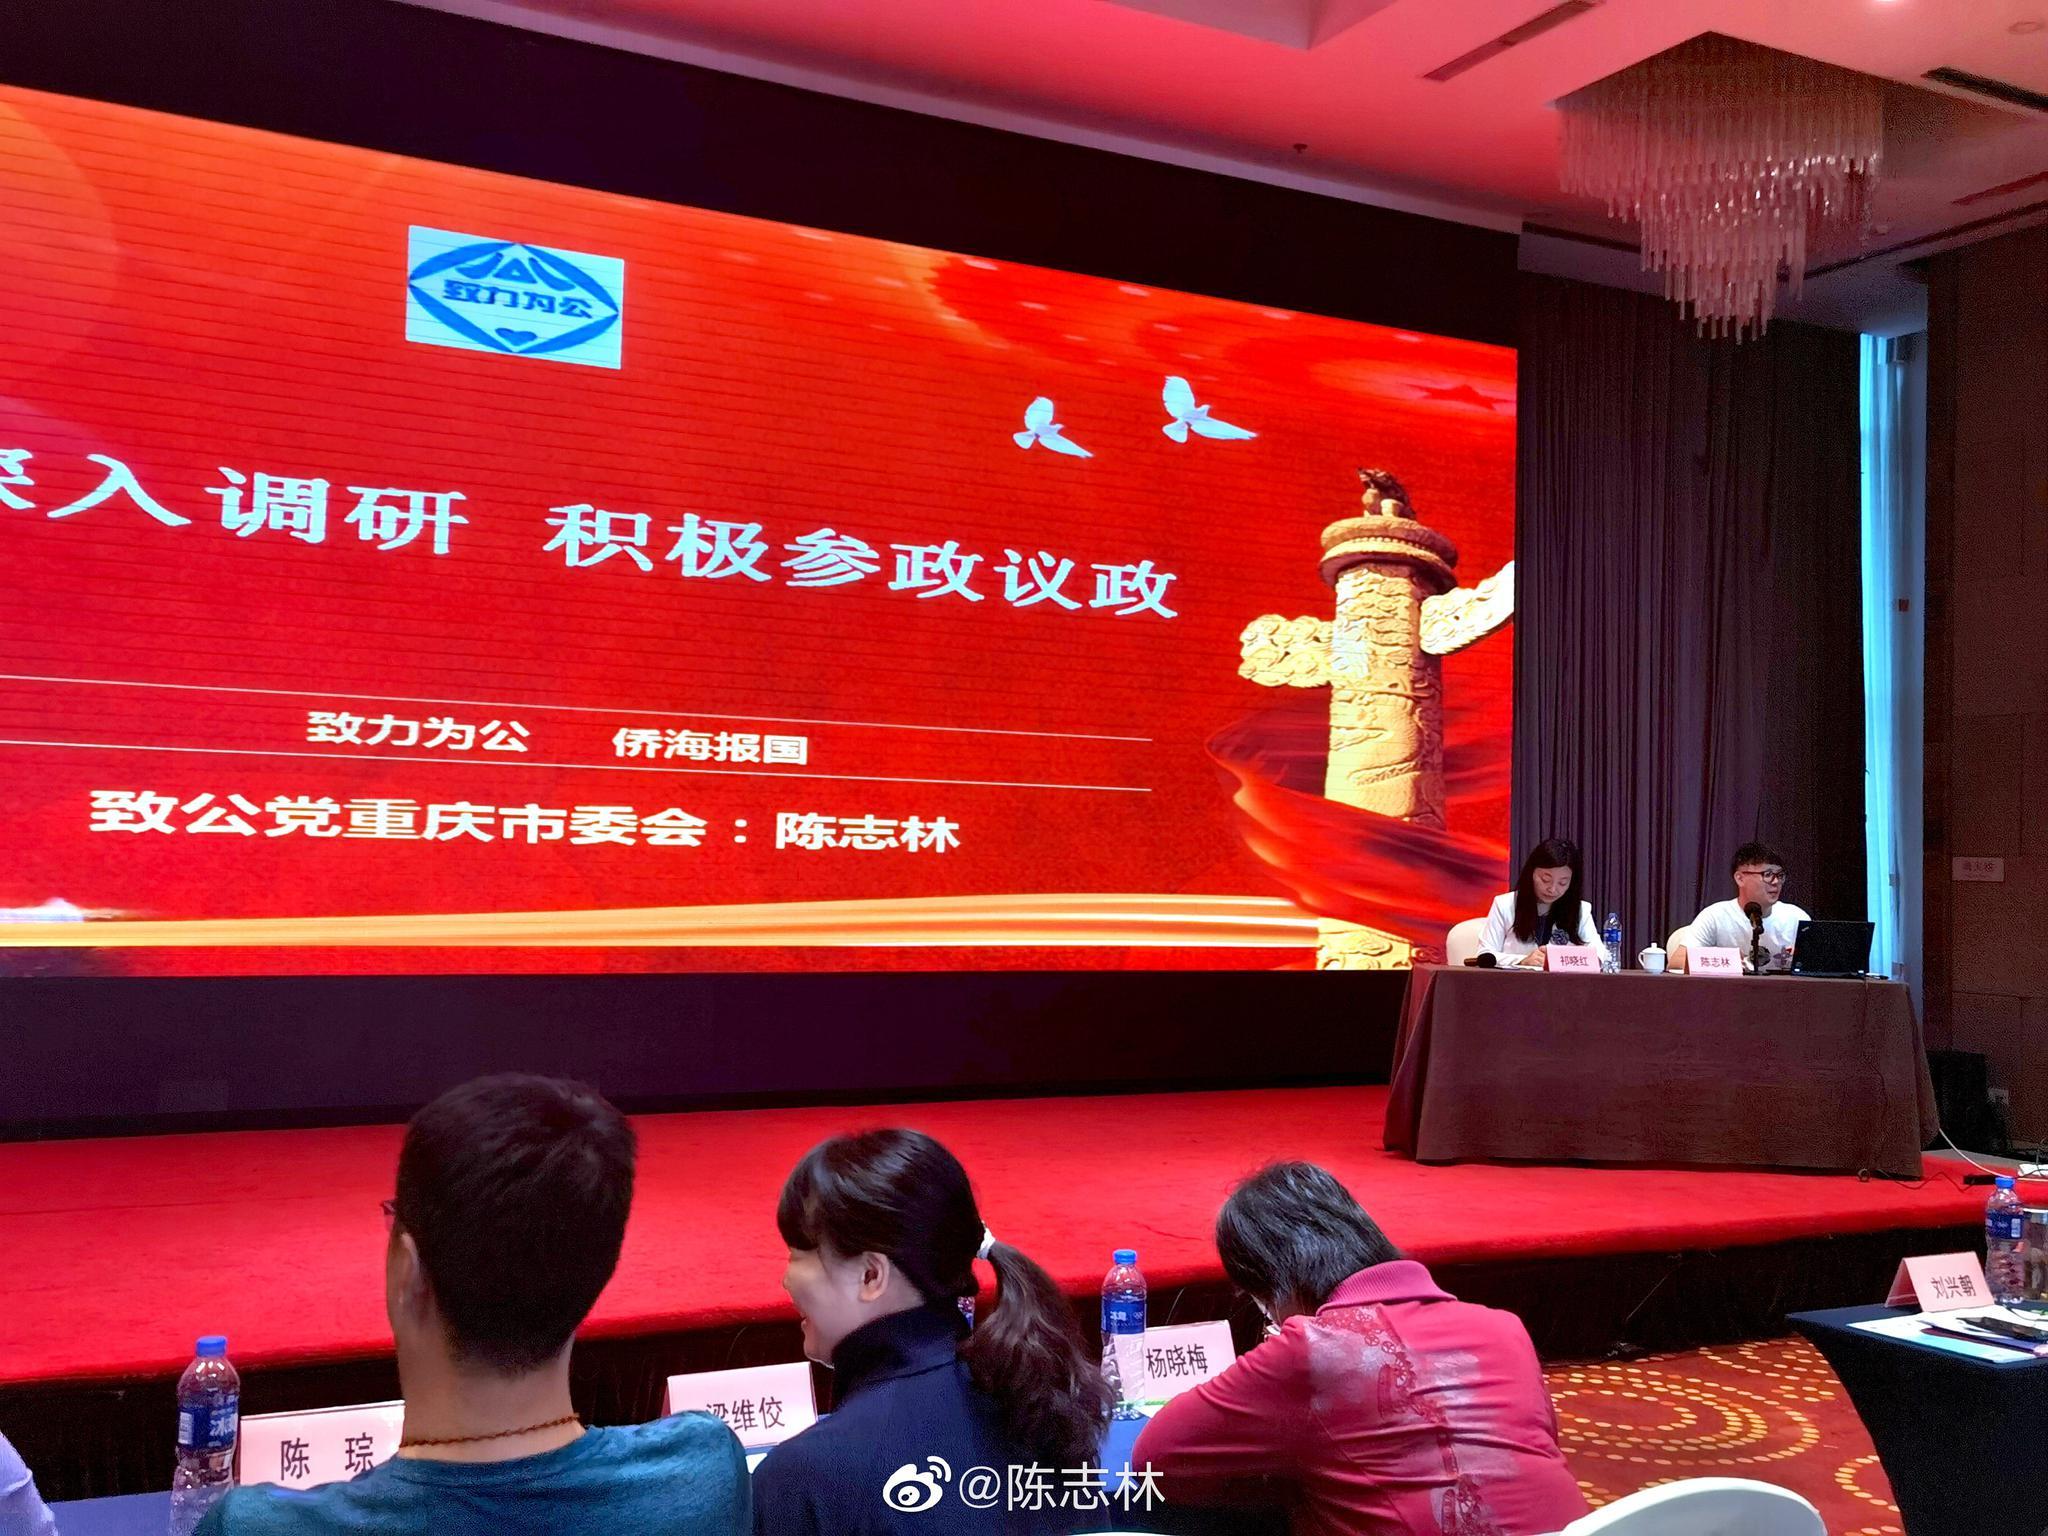 感谢致公党重庆市委会推荐、致公党中央参政议政部的信任